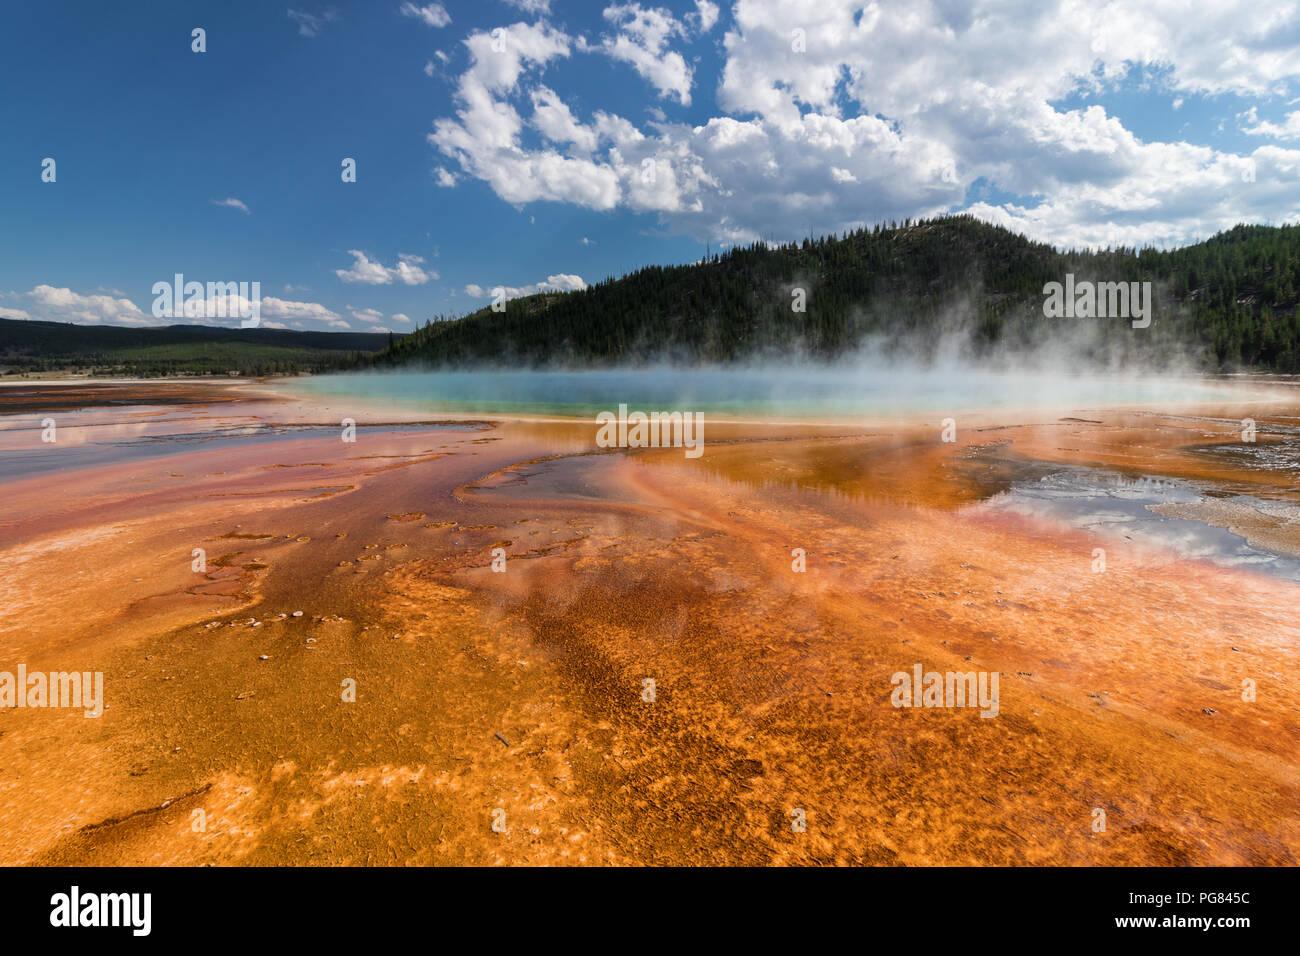 Grand Prismatic Spring - le parc de Yellowstone. Paysage sur une journée ensoleillée avec des nuages d'été. Contraste des couleurs - Orange, Vert Bleu Banque D'Images